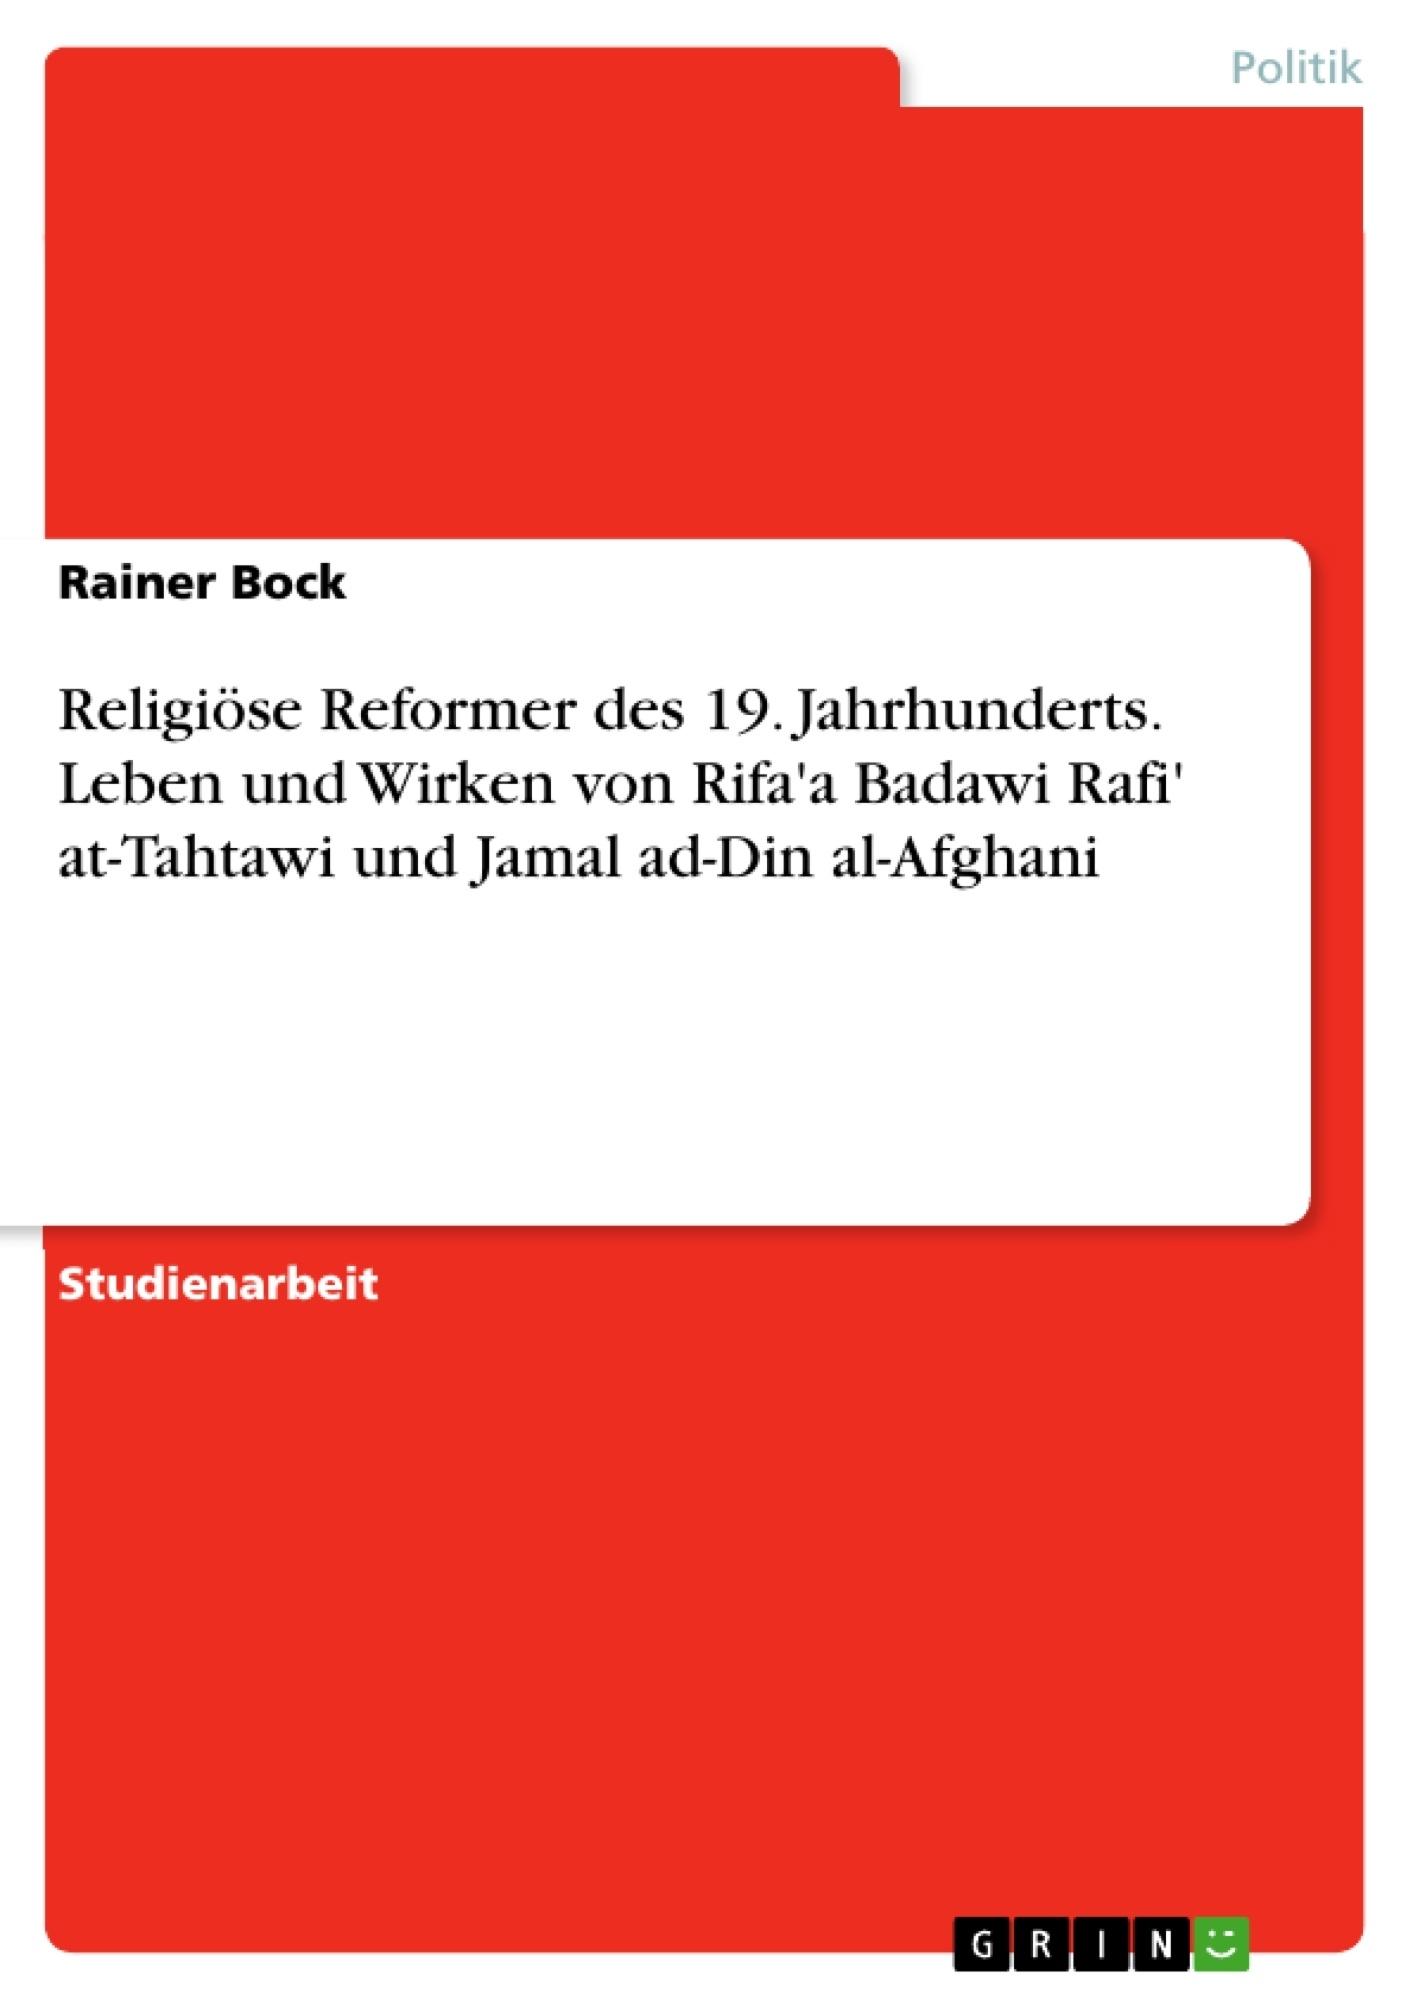 Titel: Religiöse Reformer des 19. Jahrhunderts. Leben und Wirken von Rifa'a Badawi Rafi' at-Tahtawi und Jamal ad-Din al-Afghani